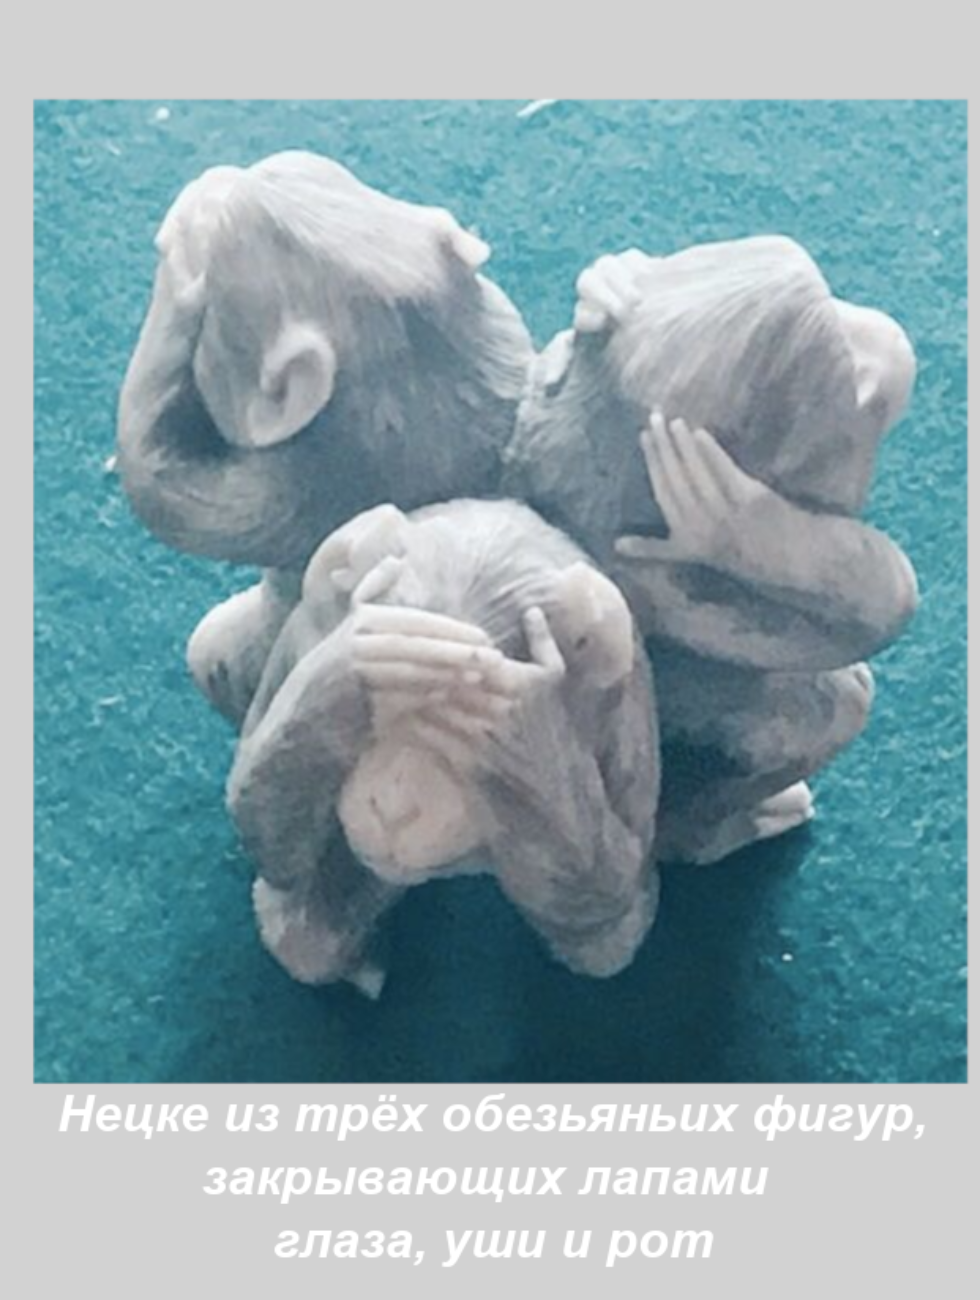 обезьяны закрывающие лапами глаза, уши и рот